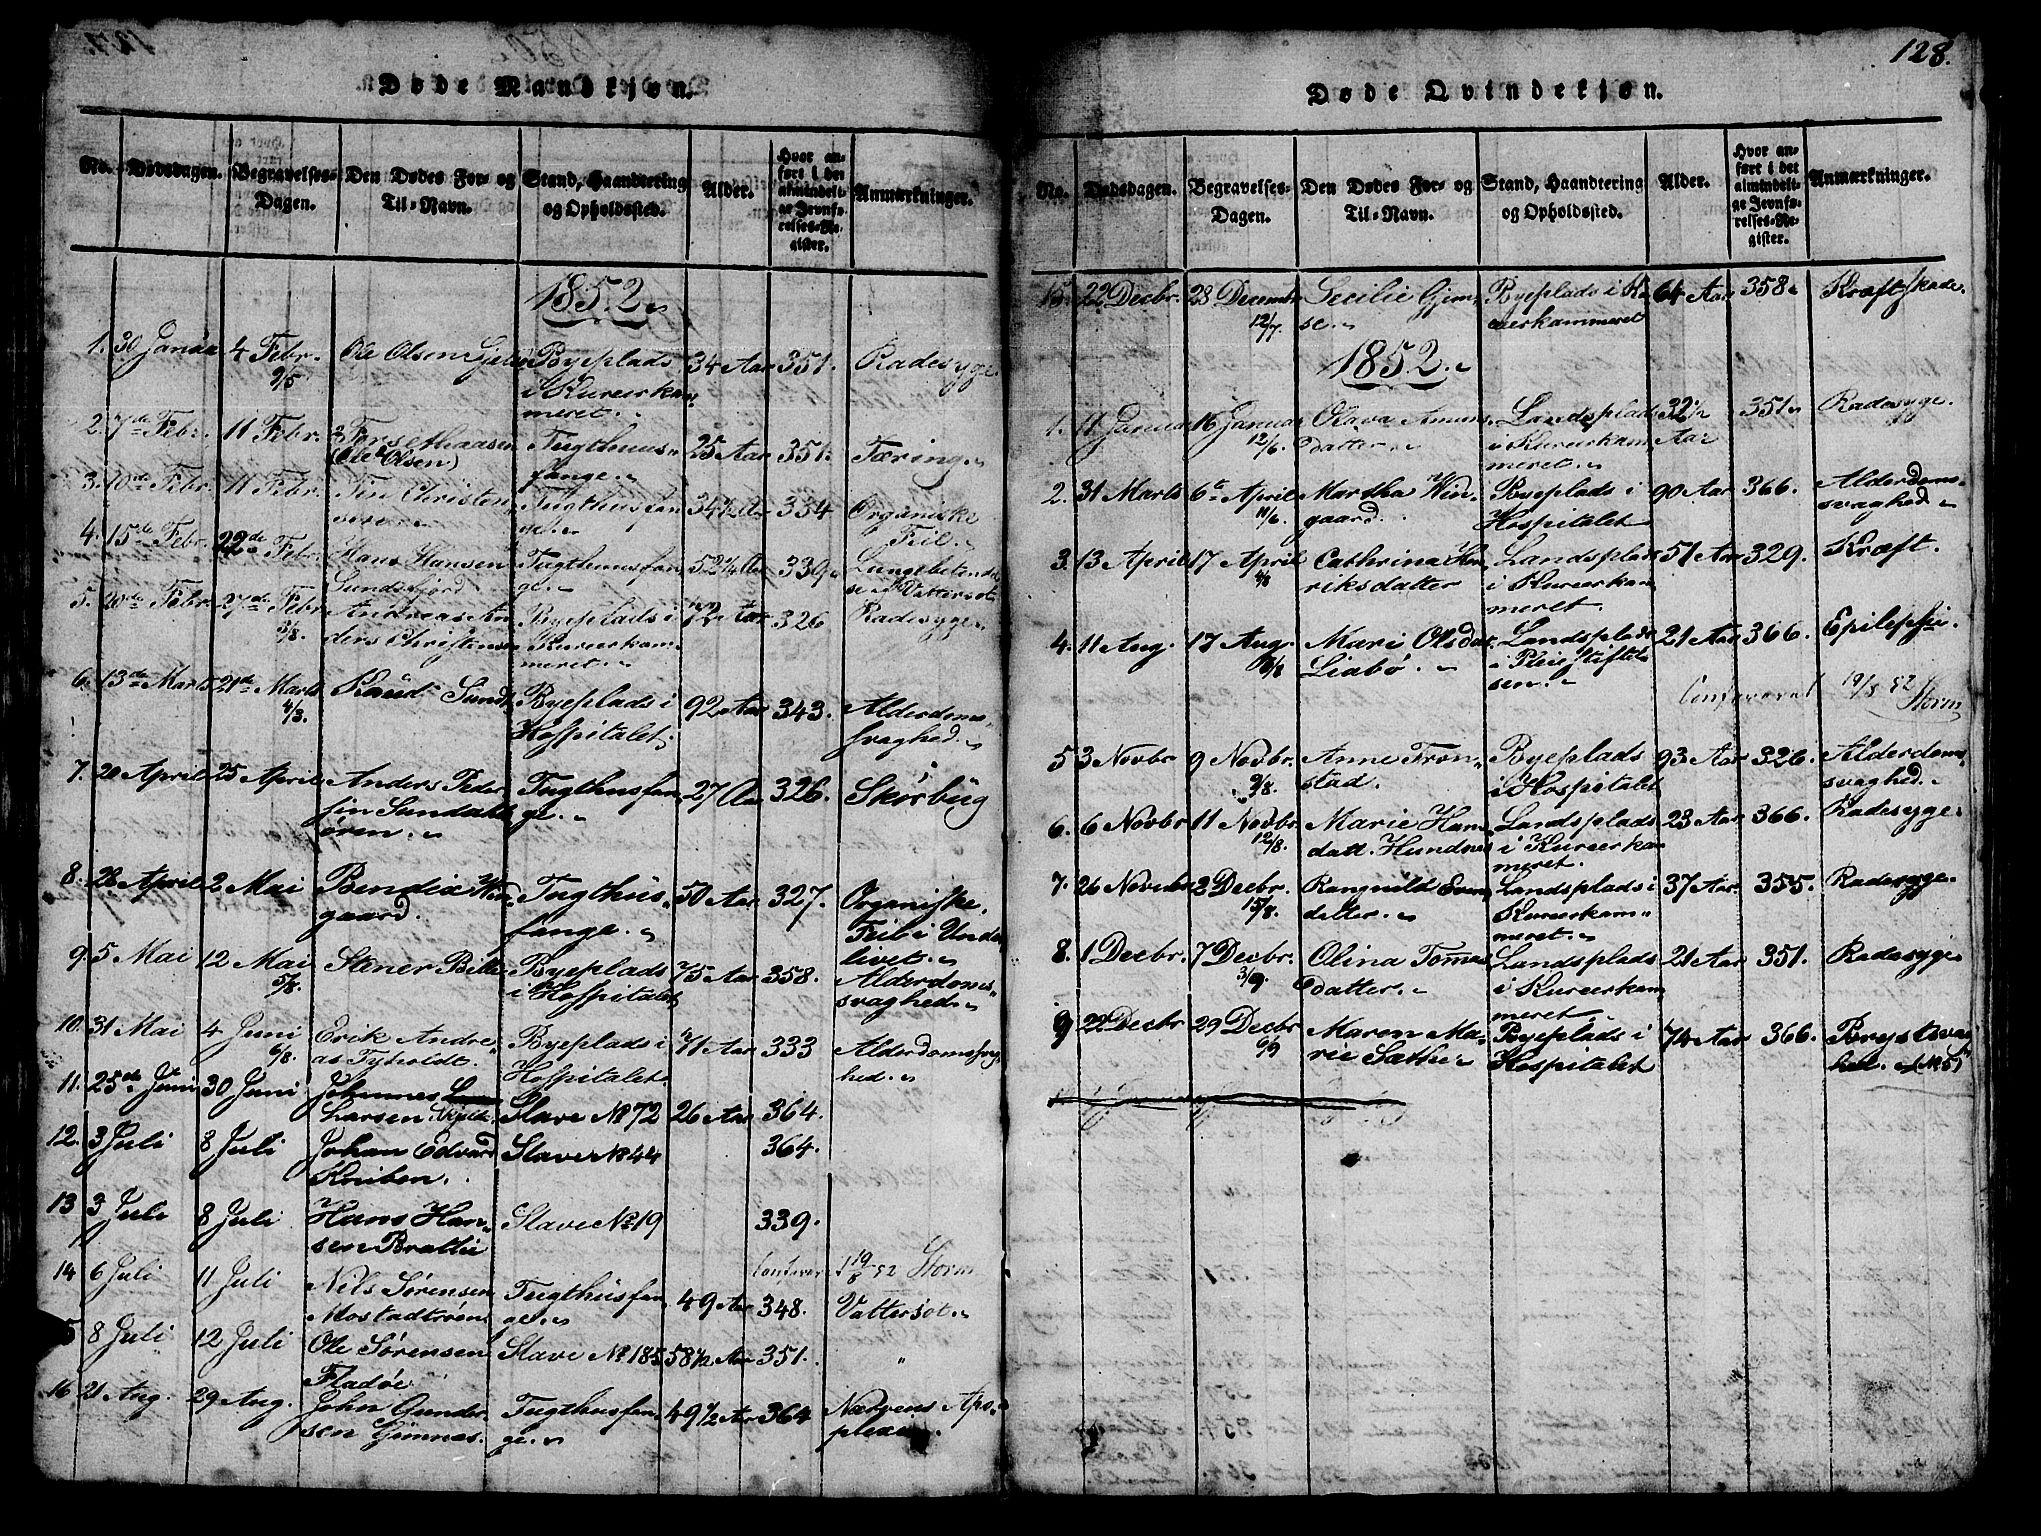 SAT, Ministerialprotokoller, klokkerbøker og fødselsregistre - Sør-Trøndelag, 623/L0478: Klokkerbok nr. 623C01, 1815-1873, s. 128